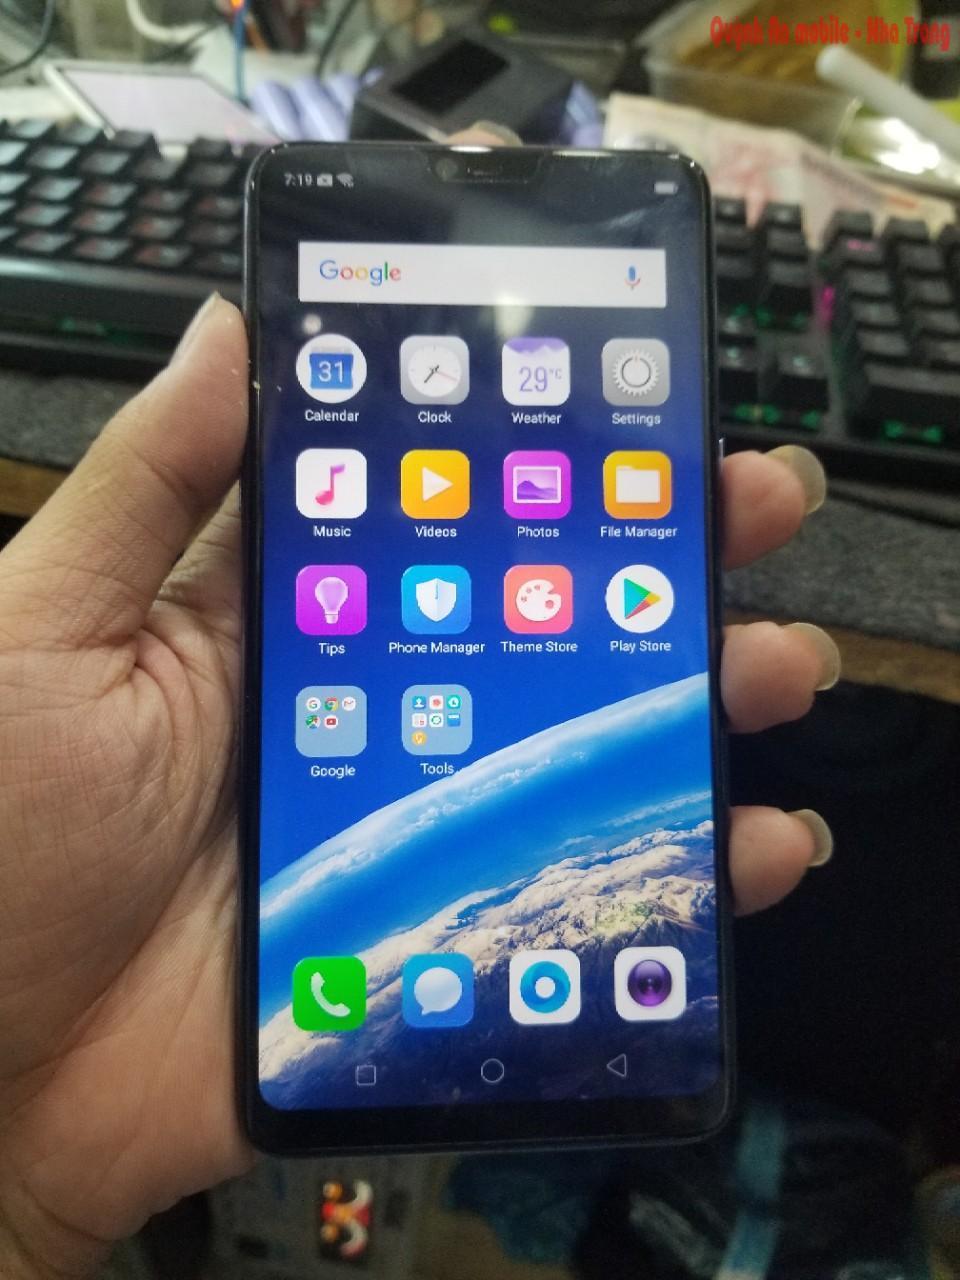 Xóa mật khẩu Oppo F7 tại Nha Trang liên hệ 0907623999